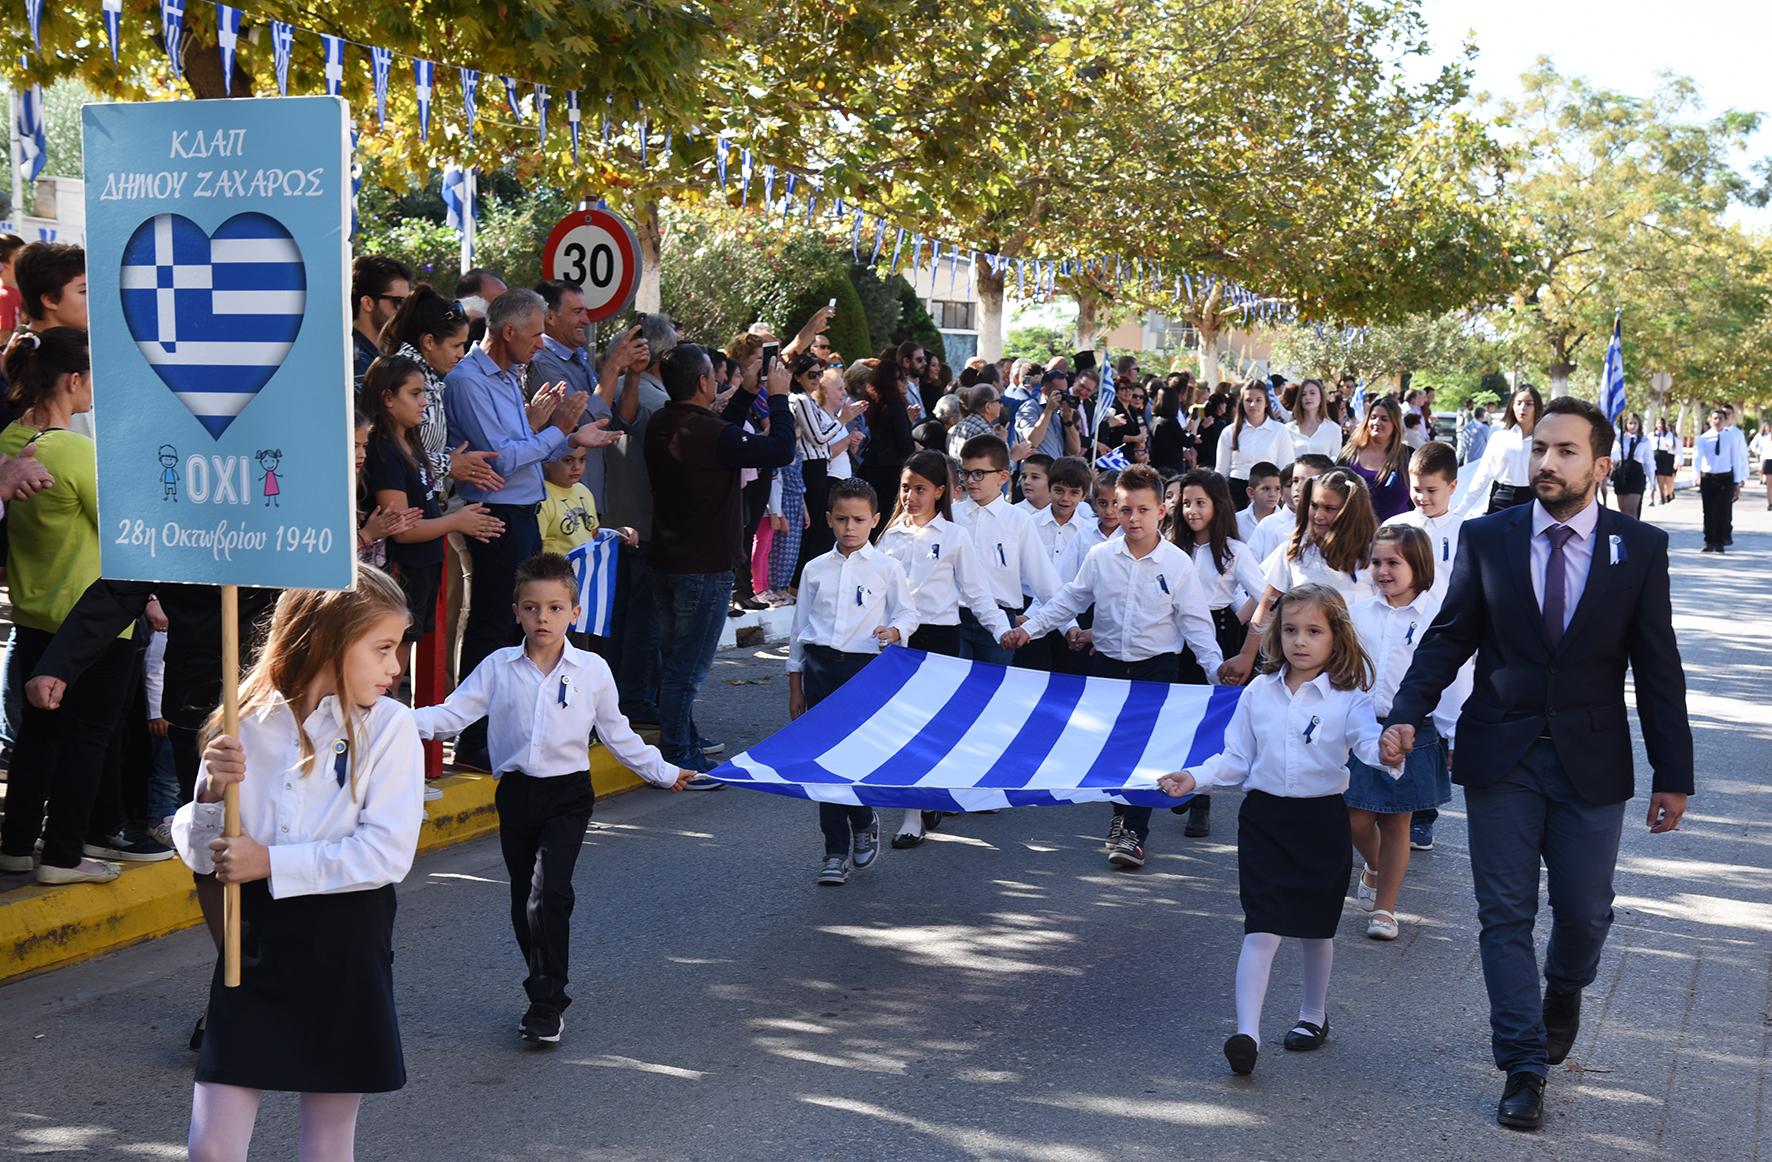 Ζαχάρω Ηλείας: Με λαμπρότητα πραγματοποιήθηκε η μαθητική παρέλαση στην πόλη -Παρέλασαν και οι μικροί μαθητές του ΚΔΑΠ